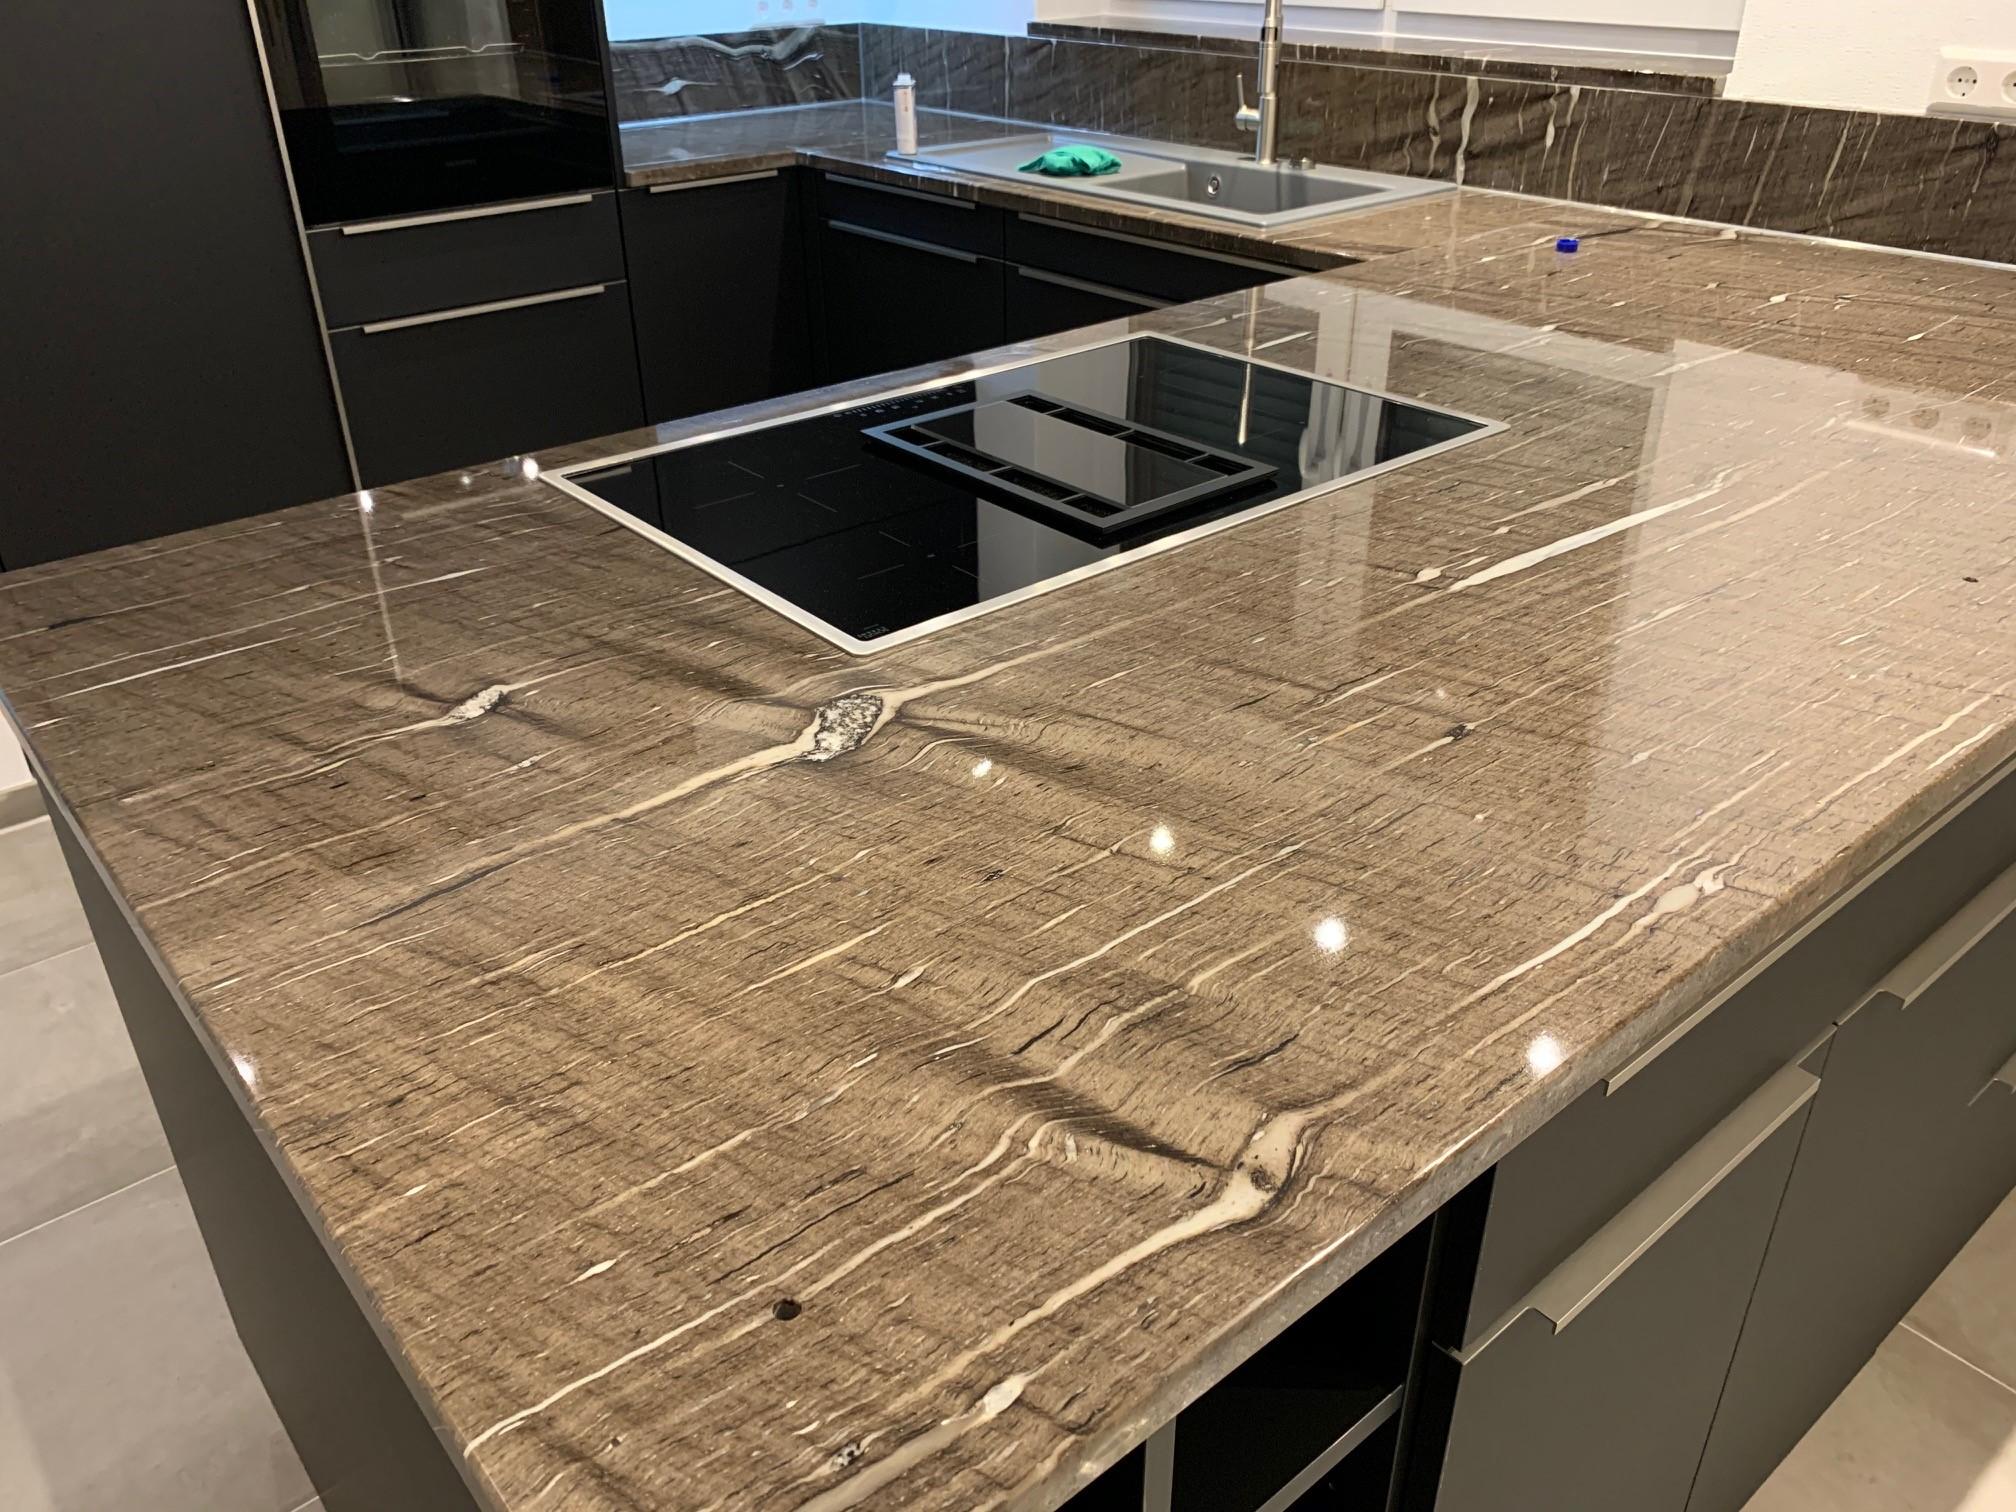 Granit Küchenarbeitsplatte individuell gefertigt - Bäumler Natursteine